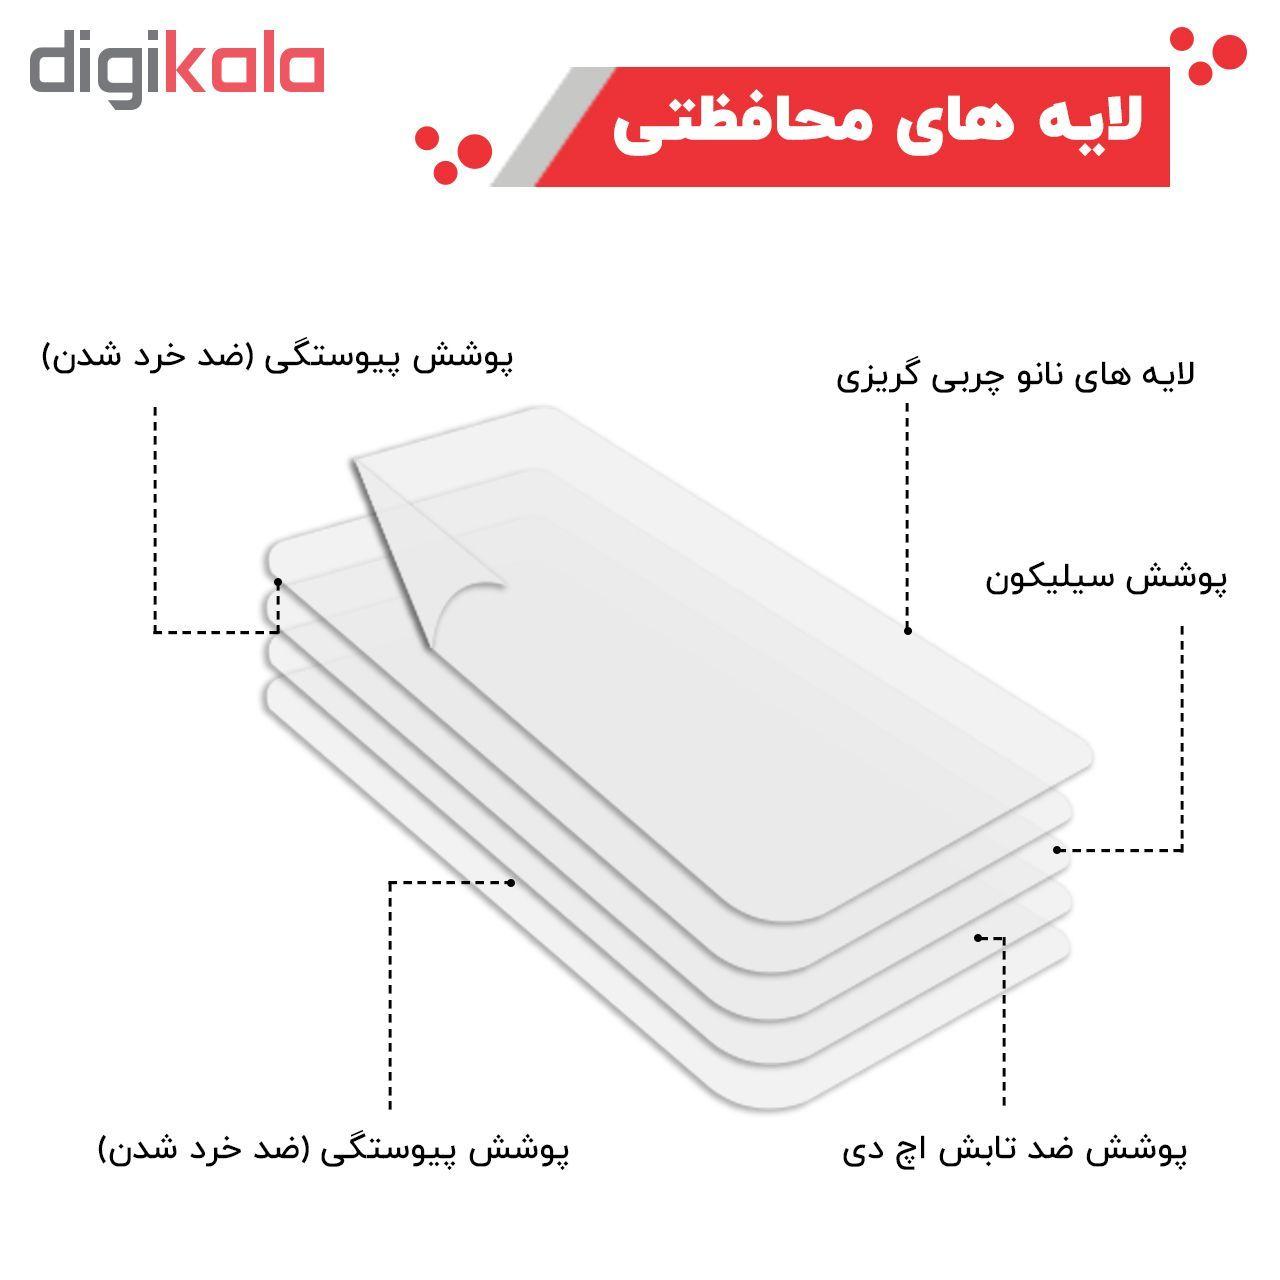 محافظ صفحه نمایش گلادیاتور مدل GLS1000 مناسب برای گوشی موبایل سامسونگ Galaxy A71 main 1 6